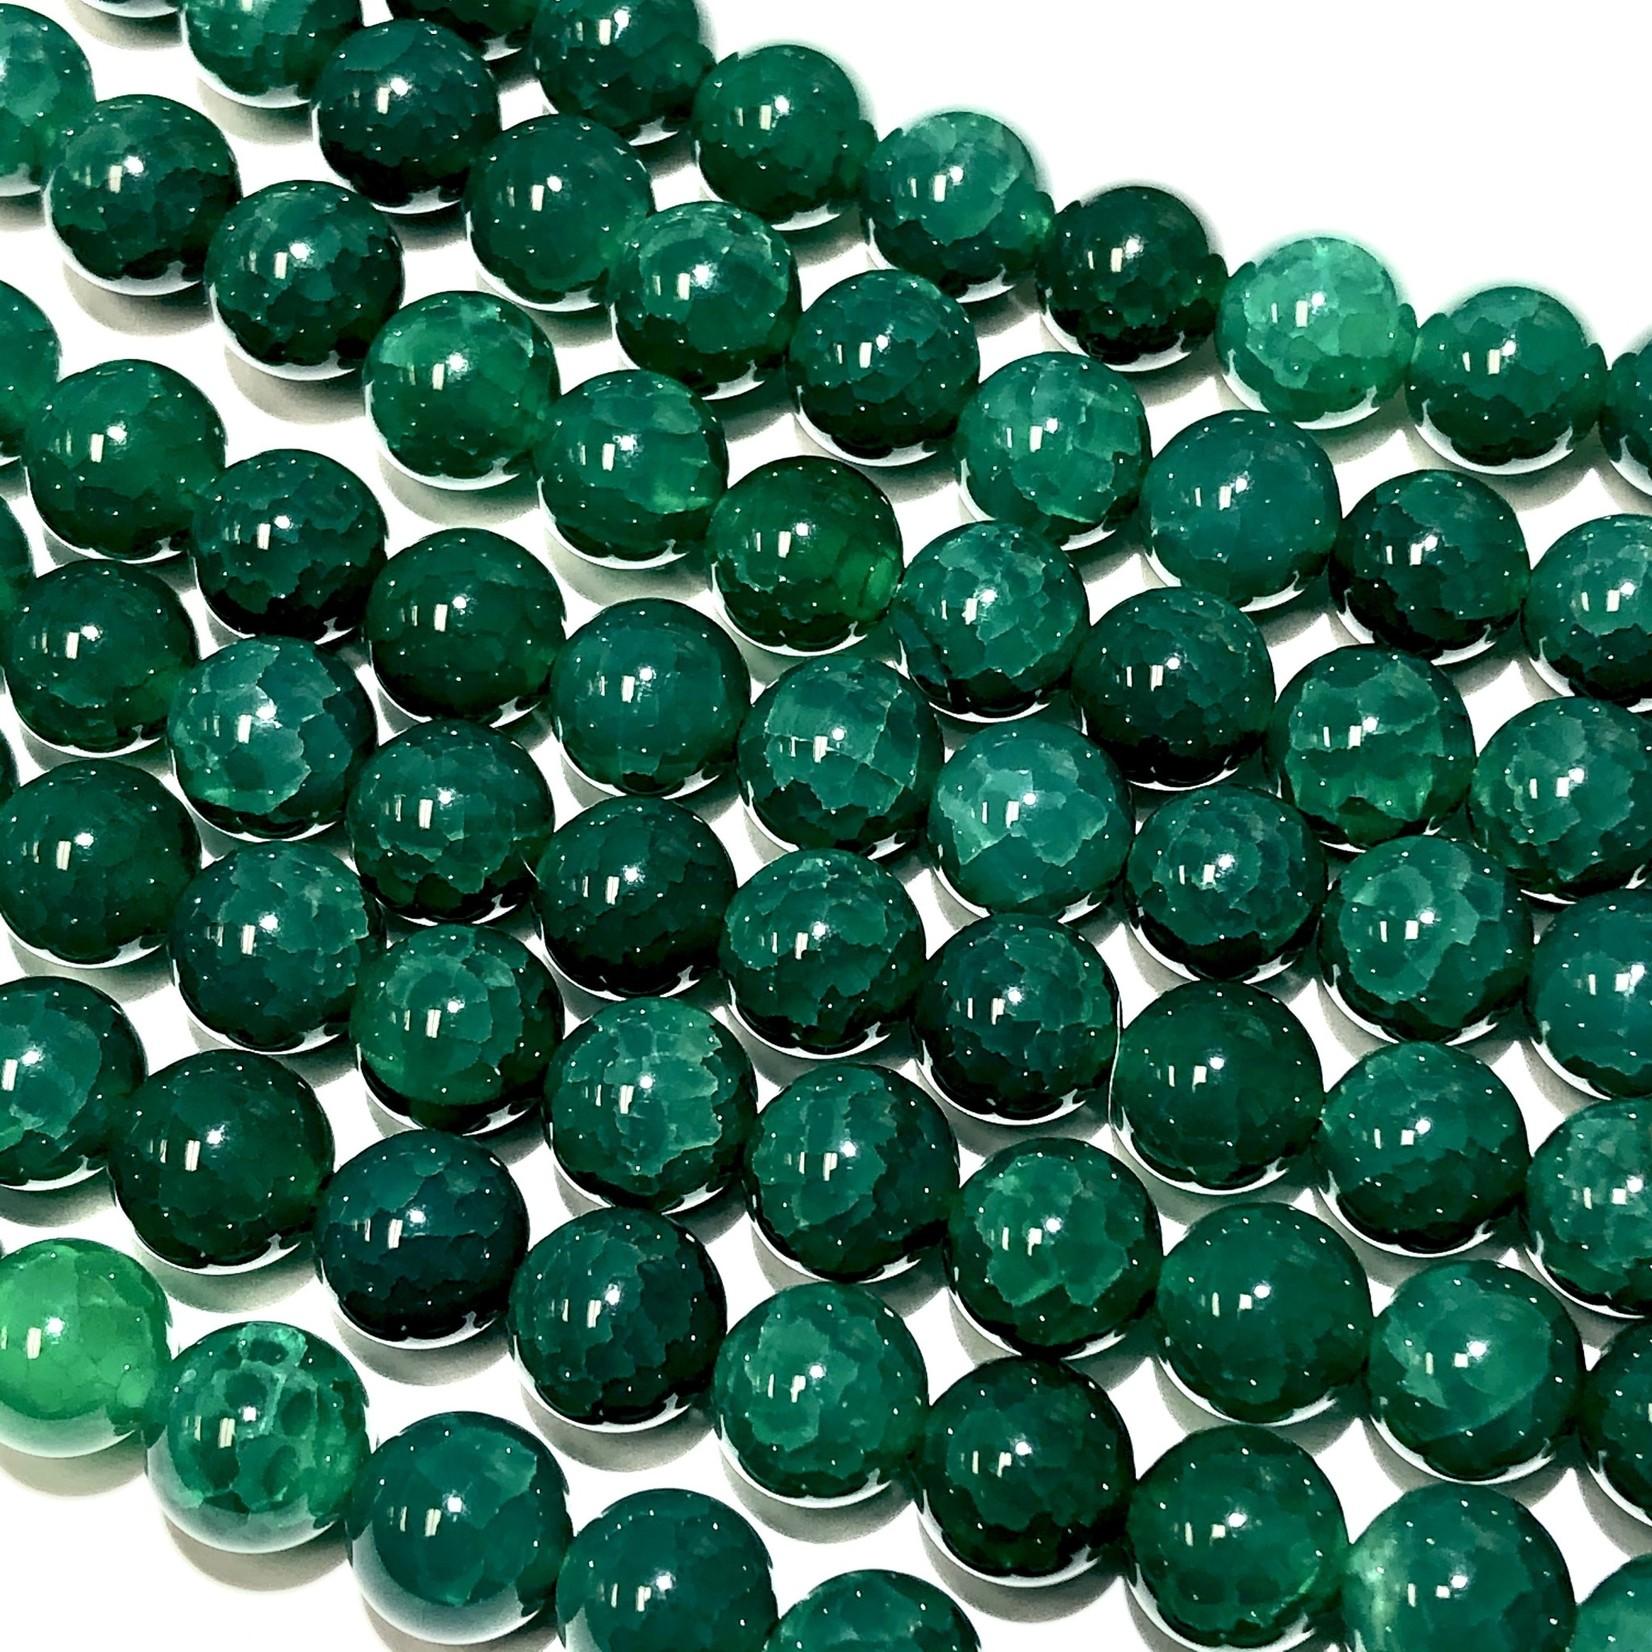 AGATE Cracked Dark Green 8mm Natural Round